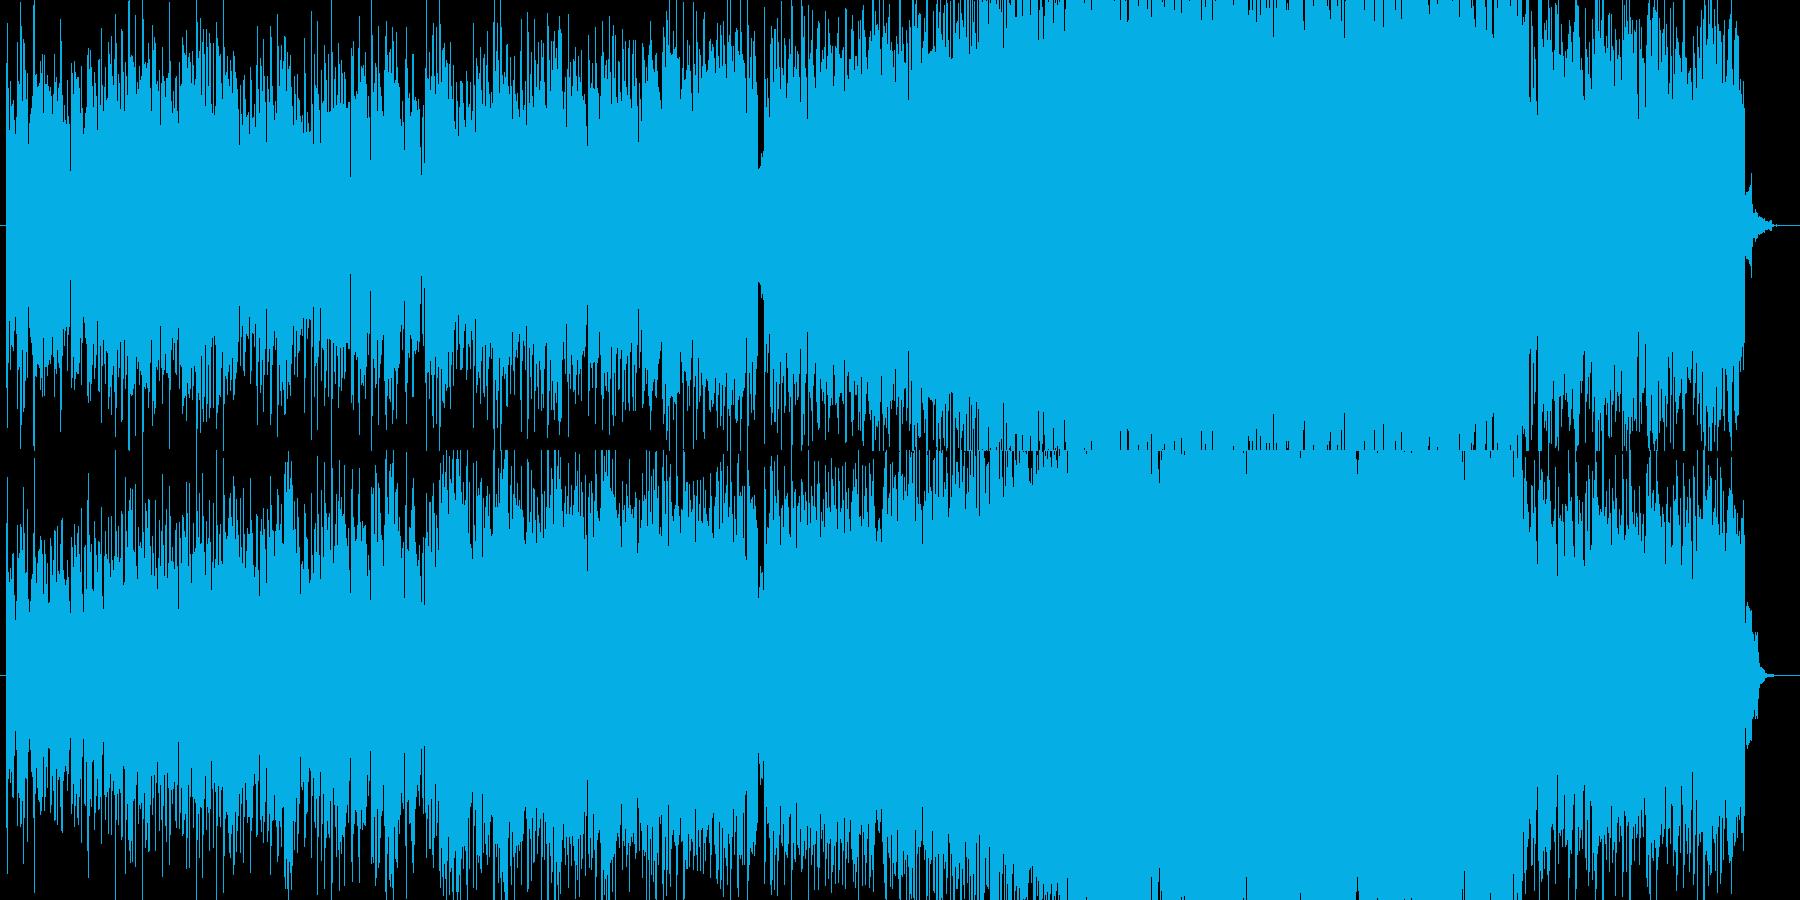 SFをイメージした電子的なシンセの曲の再生済みの波形